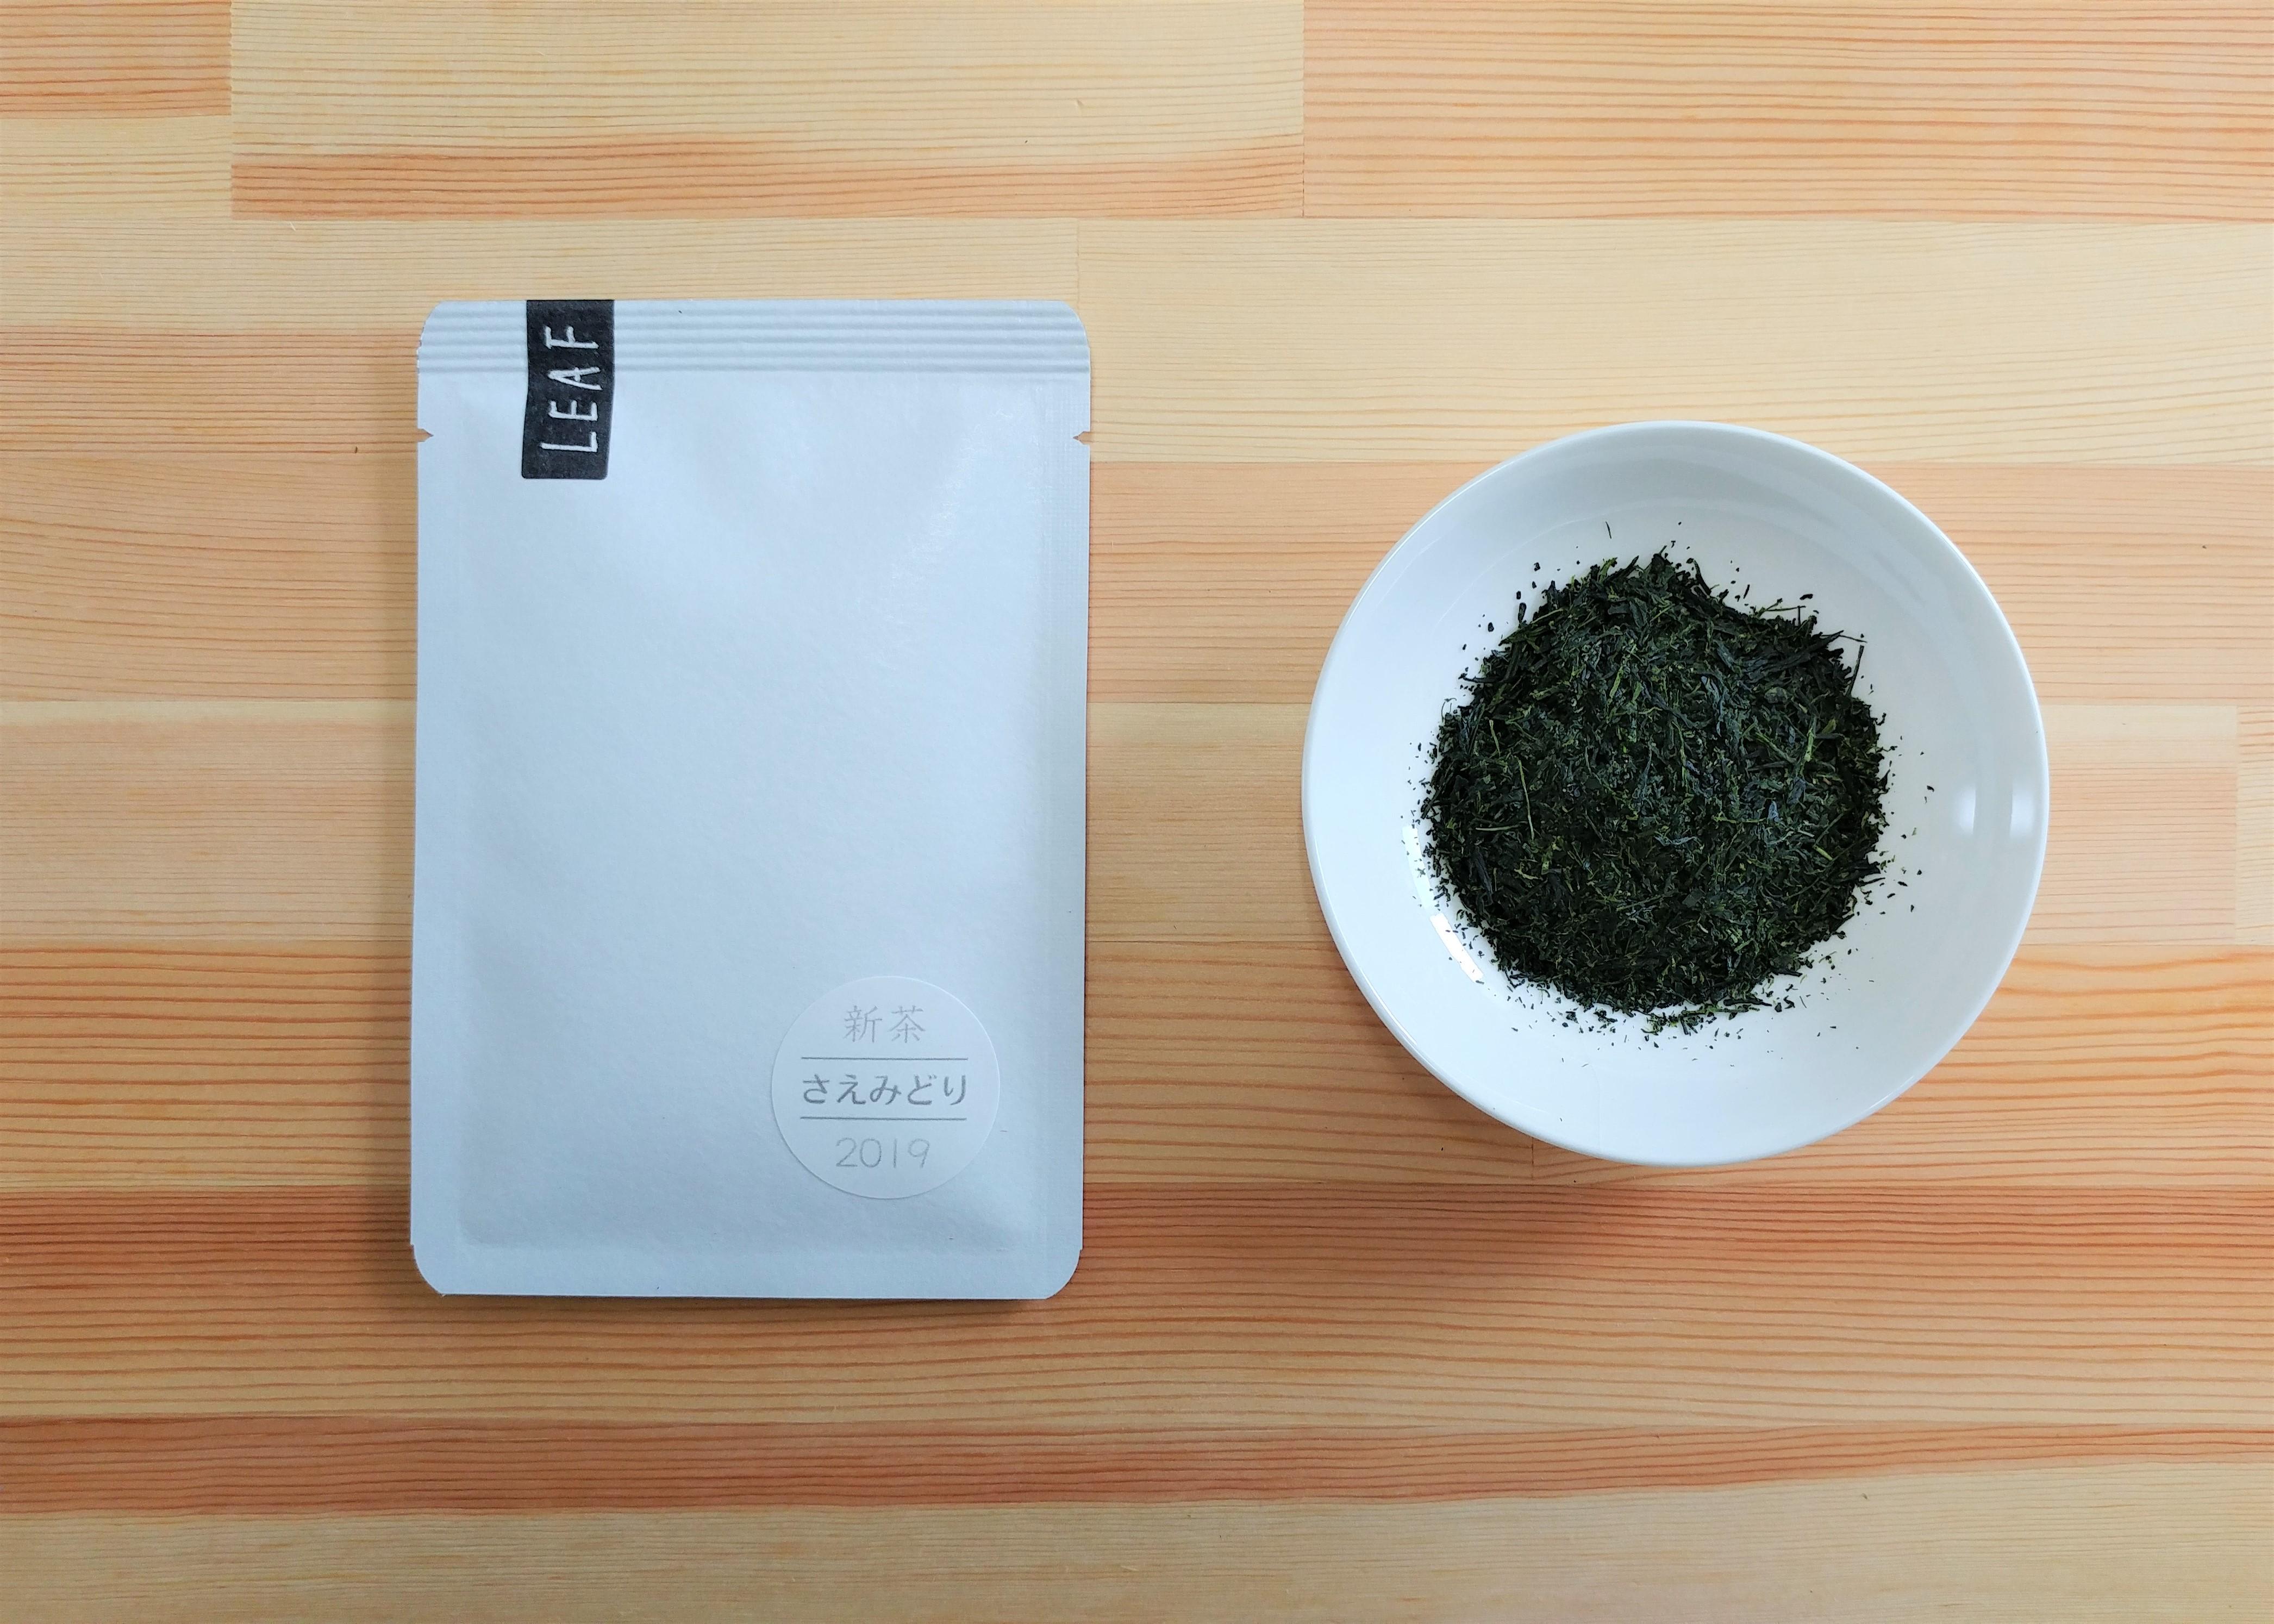 【水出しもOK】自分で飲むお試し用としても、ちょっとしたおもてなし時にも、丁度いいサイズの新茶♪